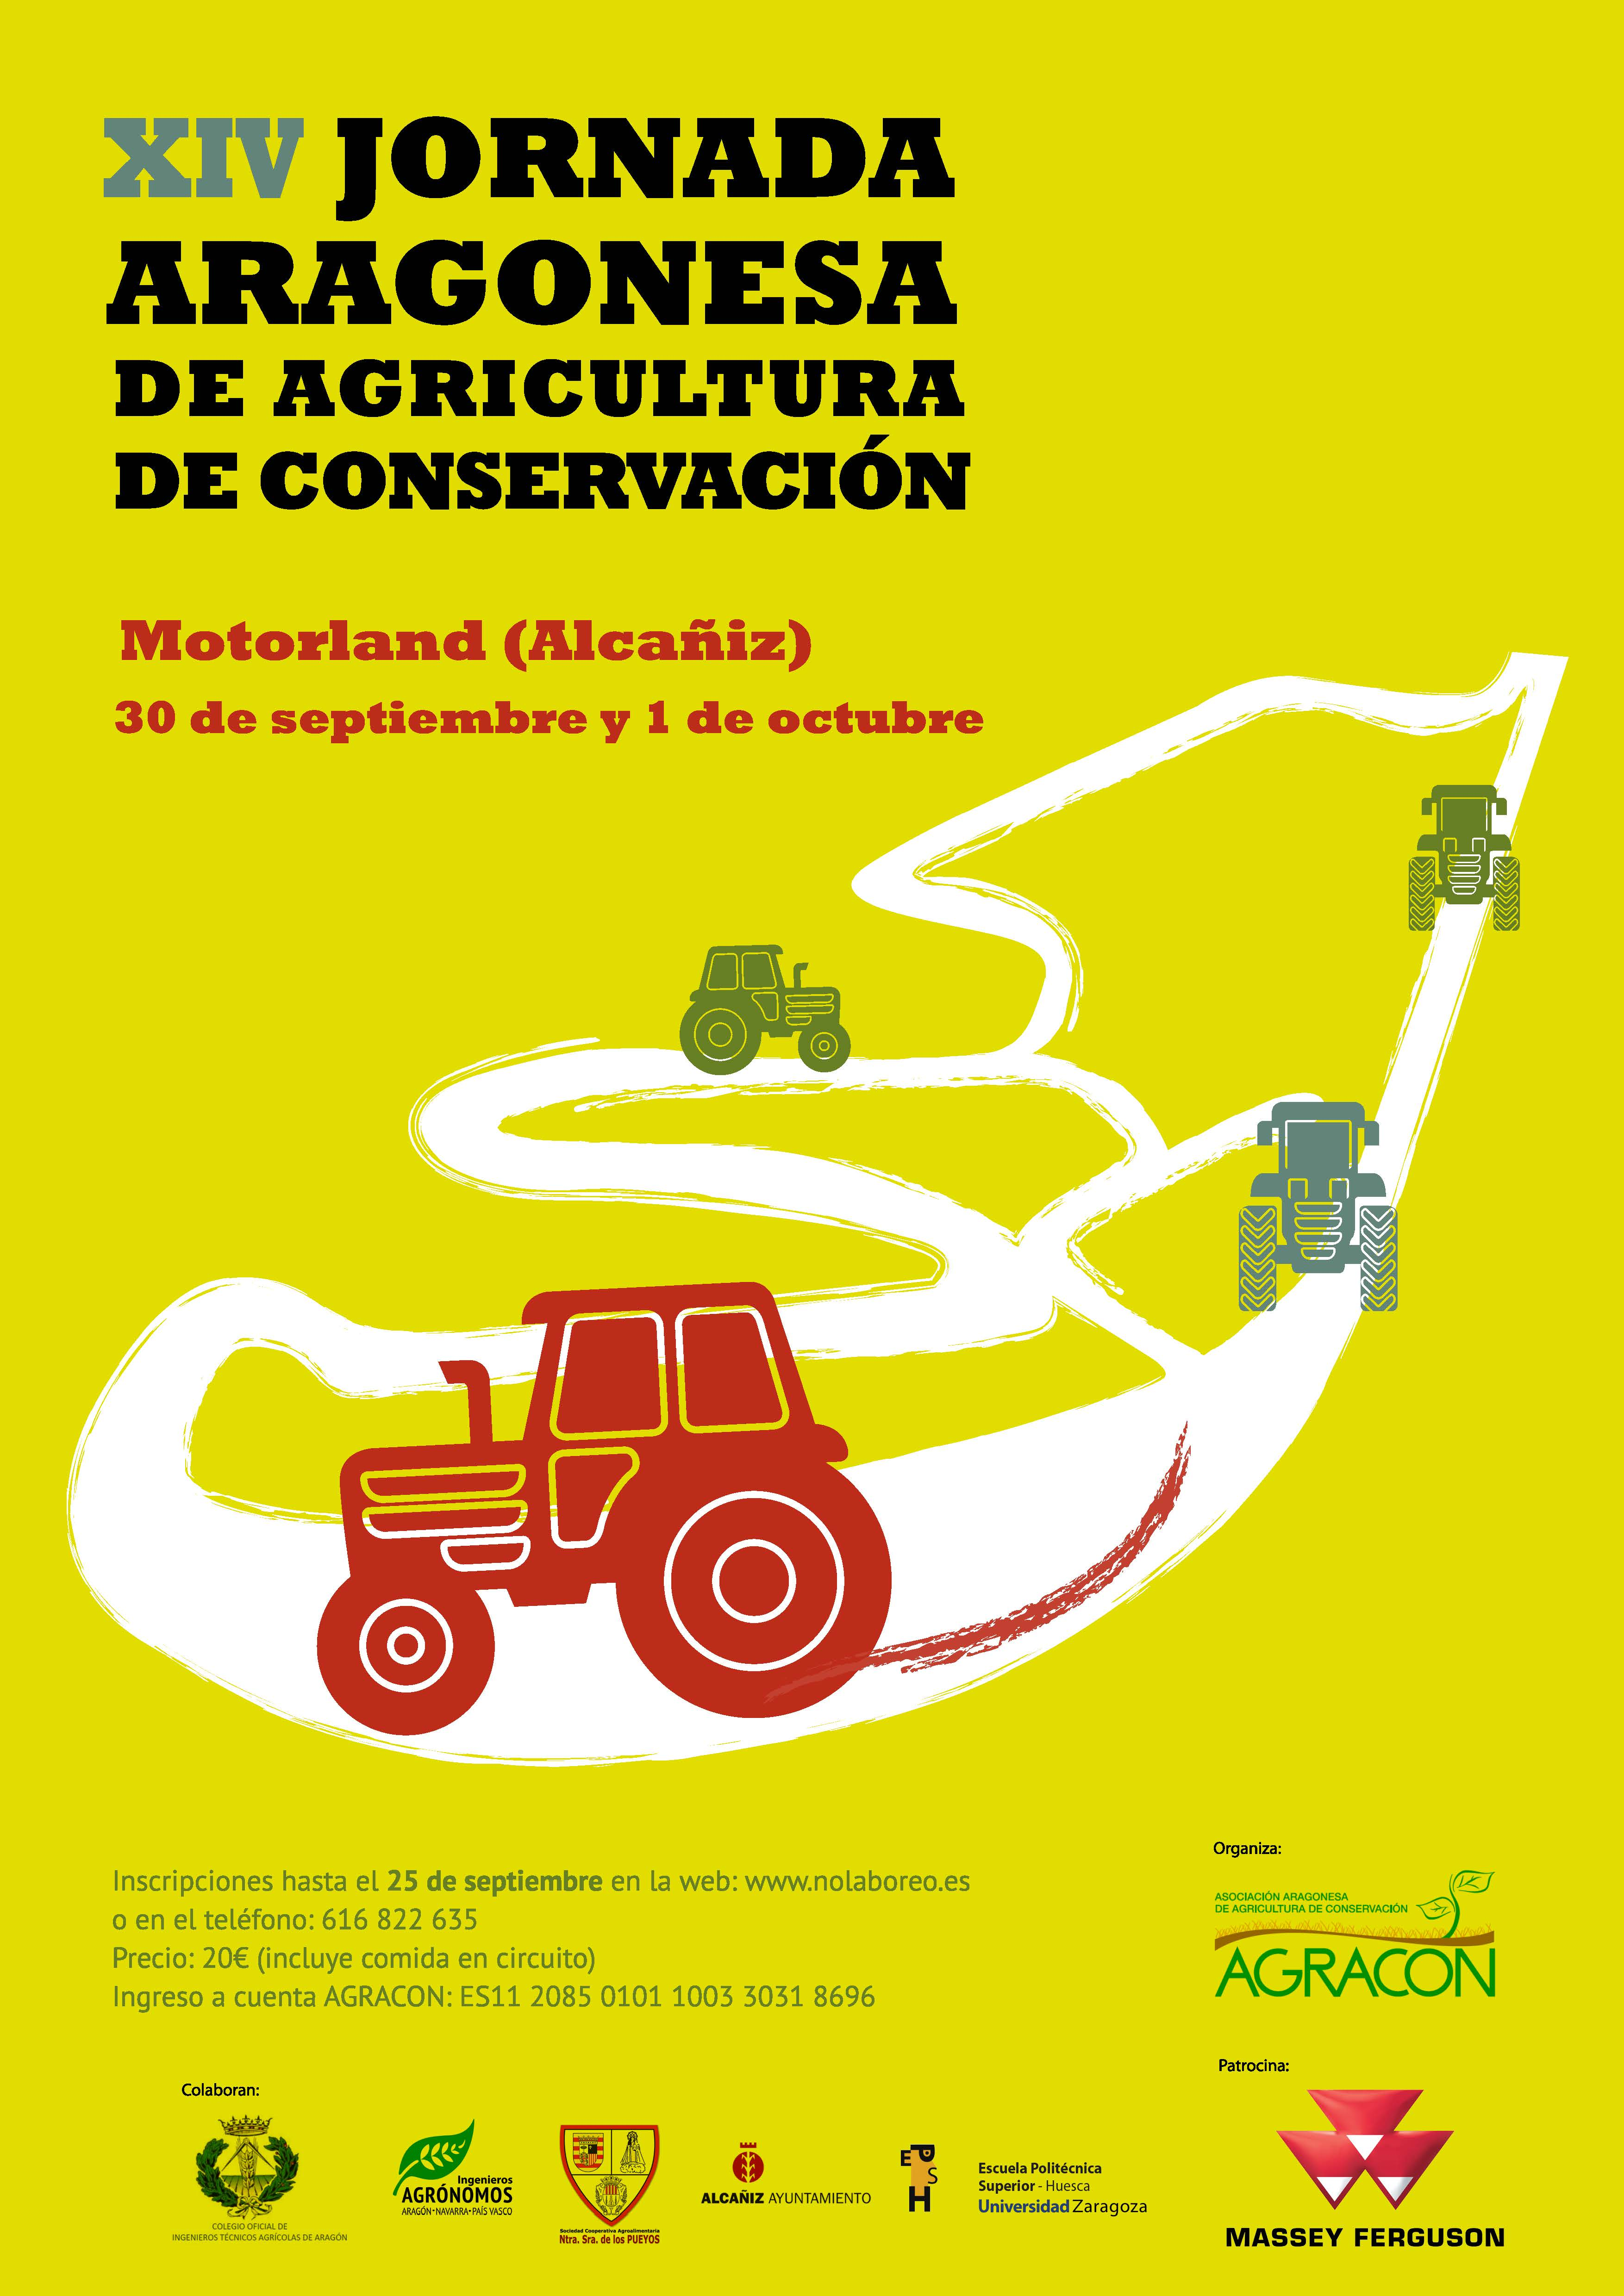 Circuito Motorland : Xiv jornada aragonesa de agricultura de conservación